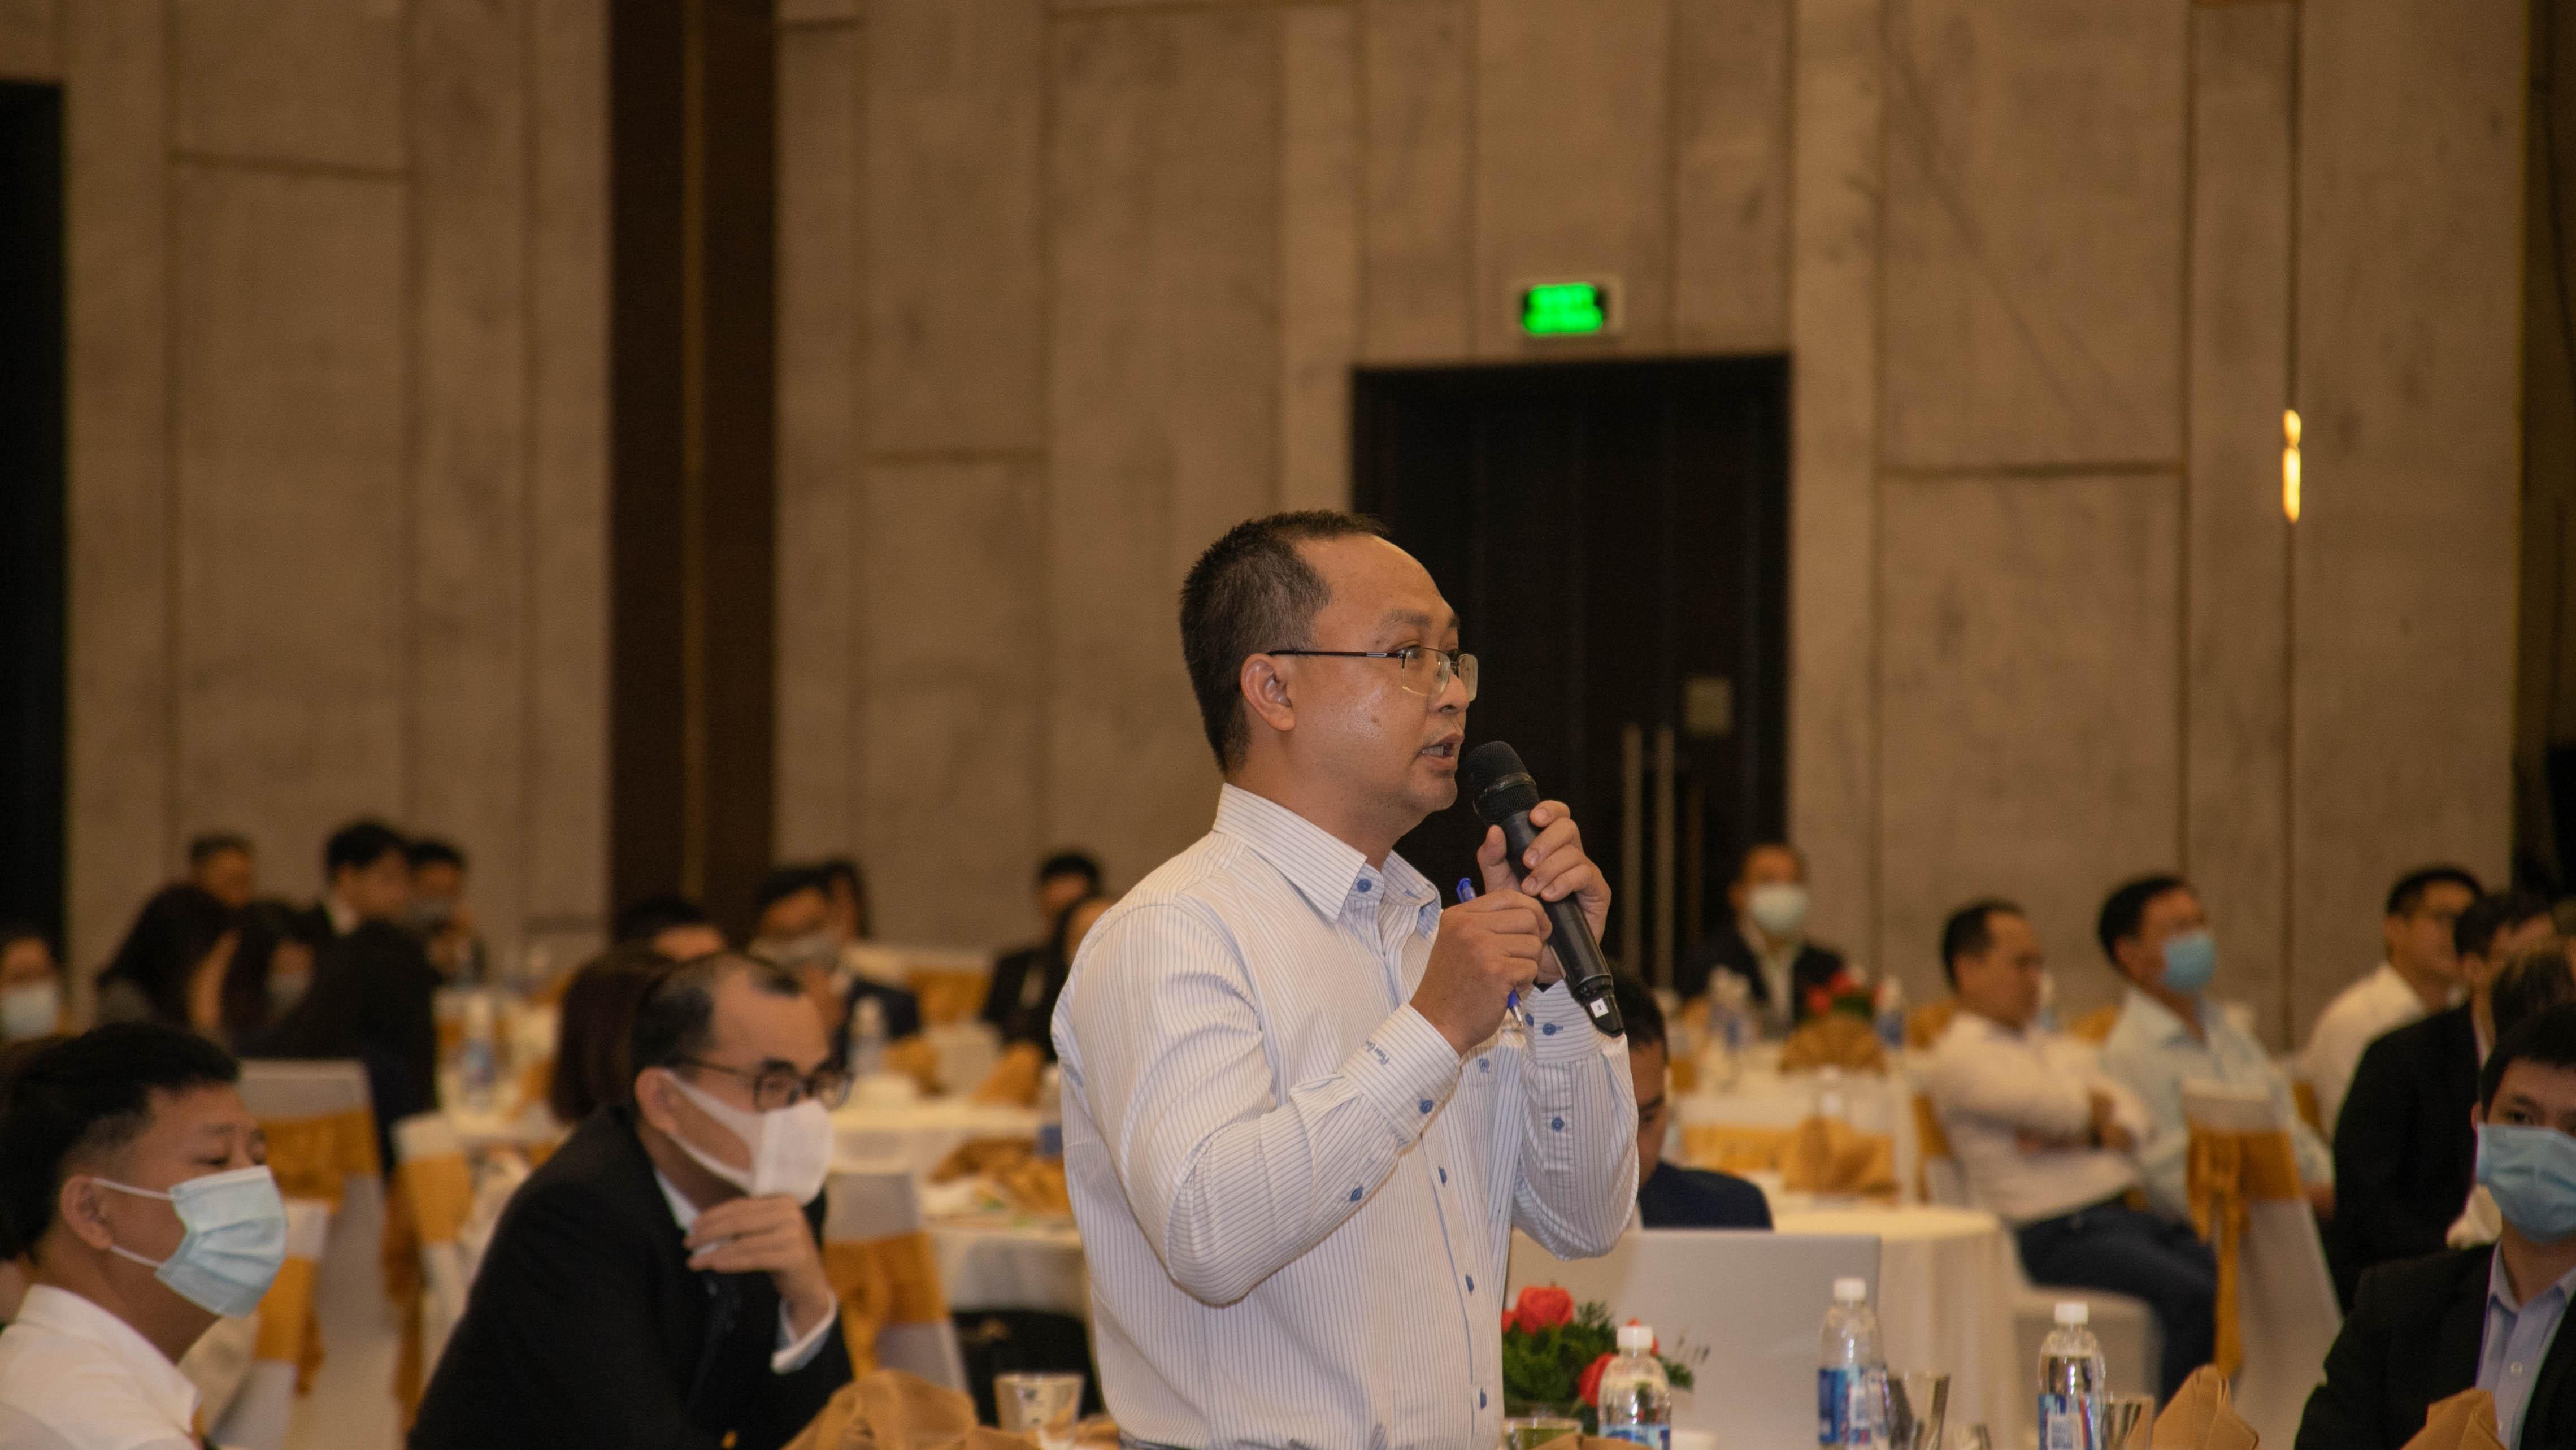 https://www.aravietnam.vn/wp-content/uploads/2020/12/IMG_8611.jpg